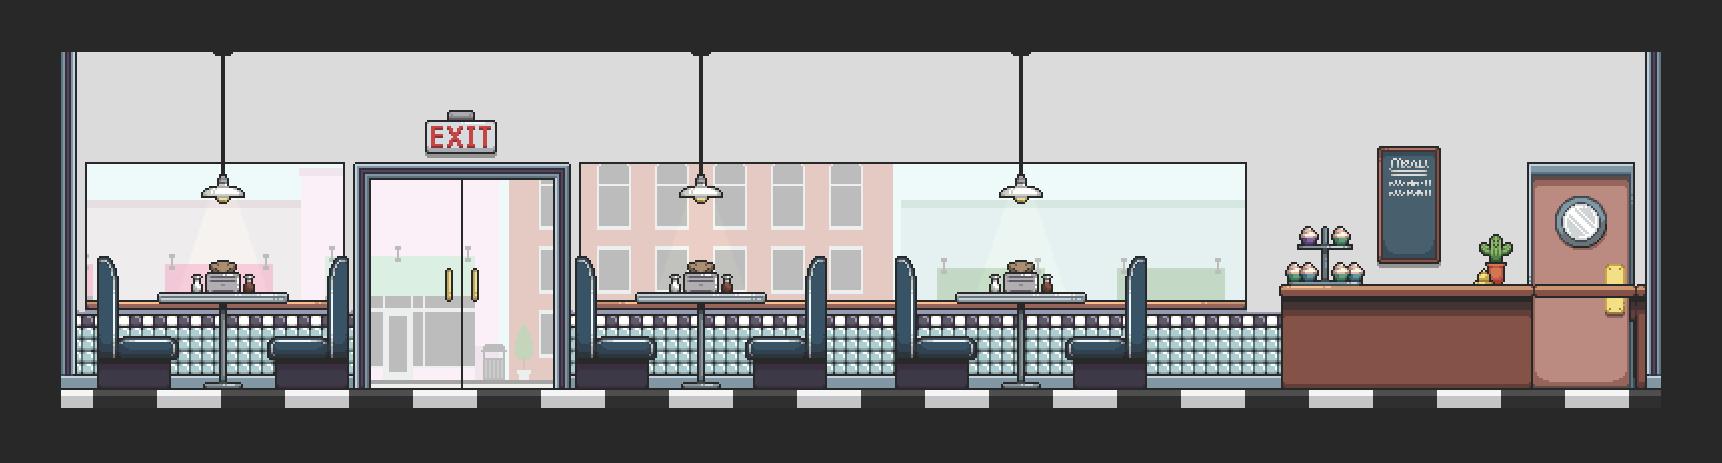 Café/Diner Map